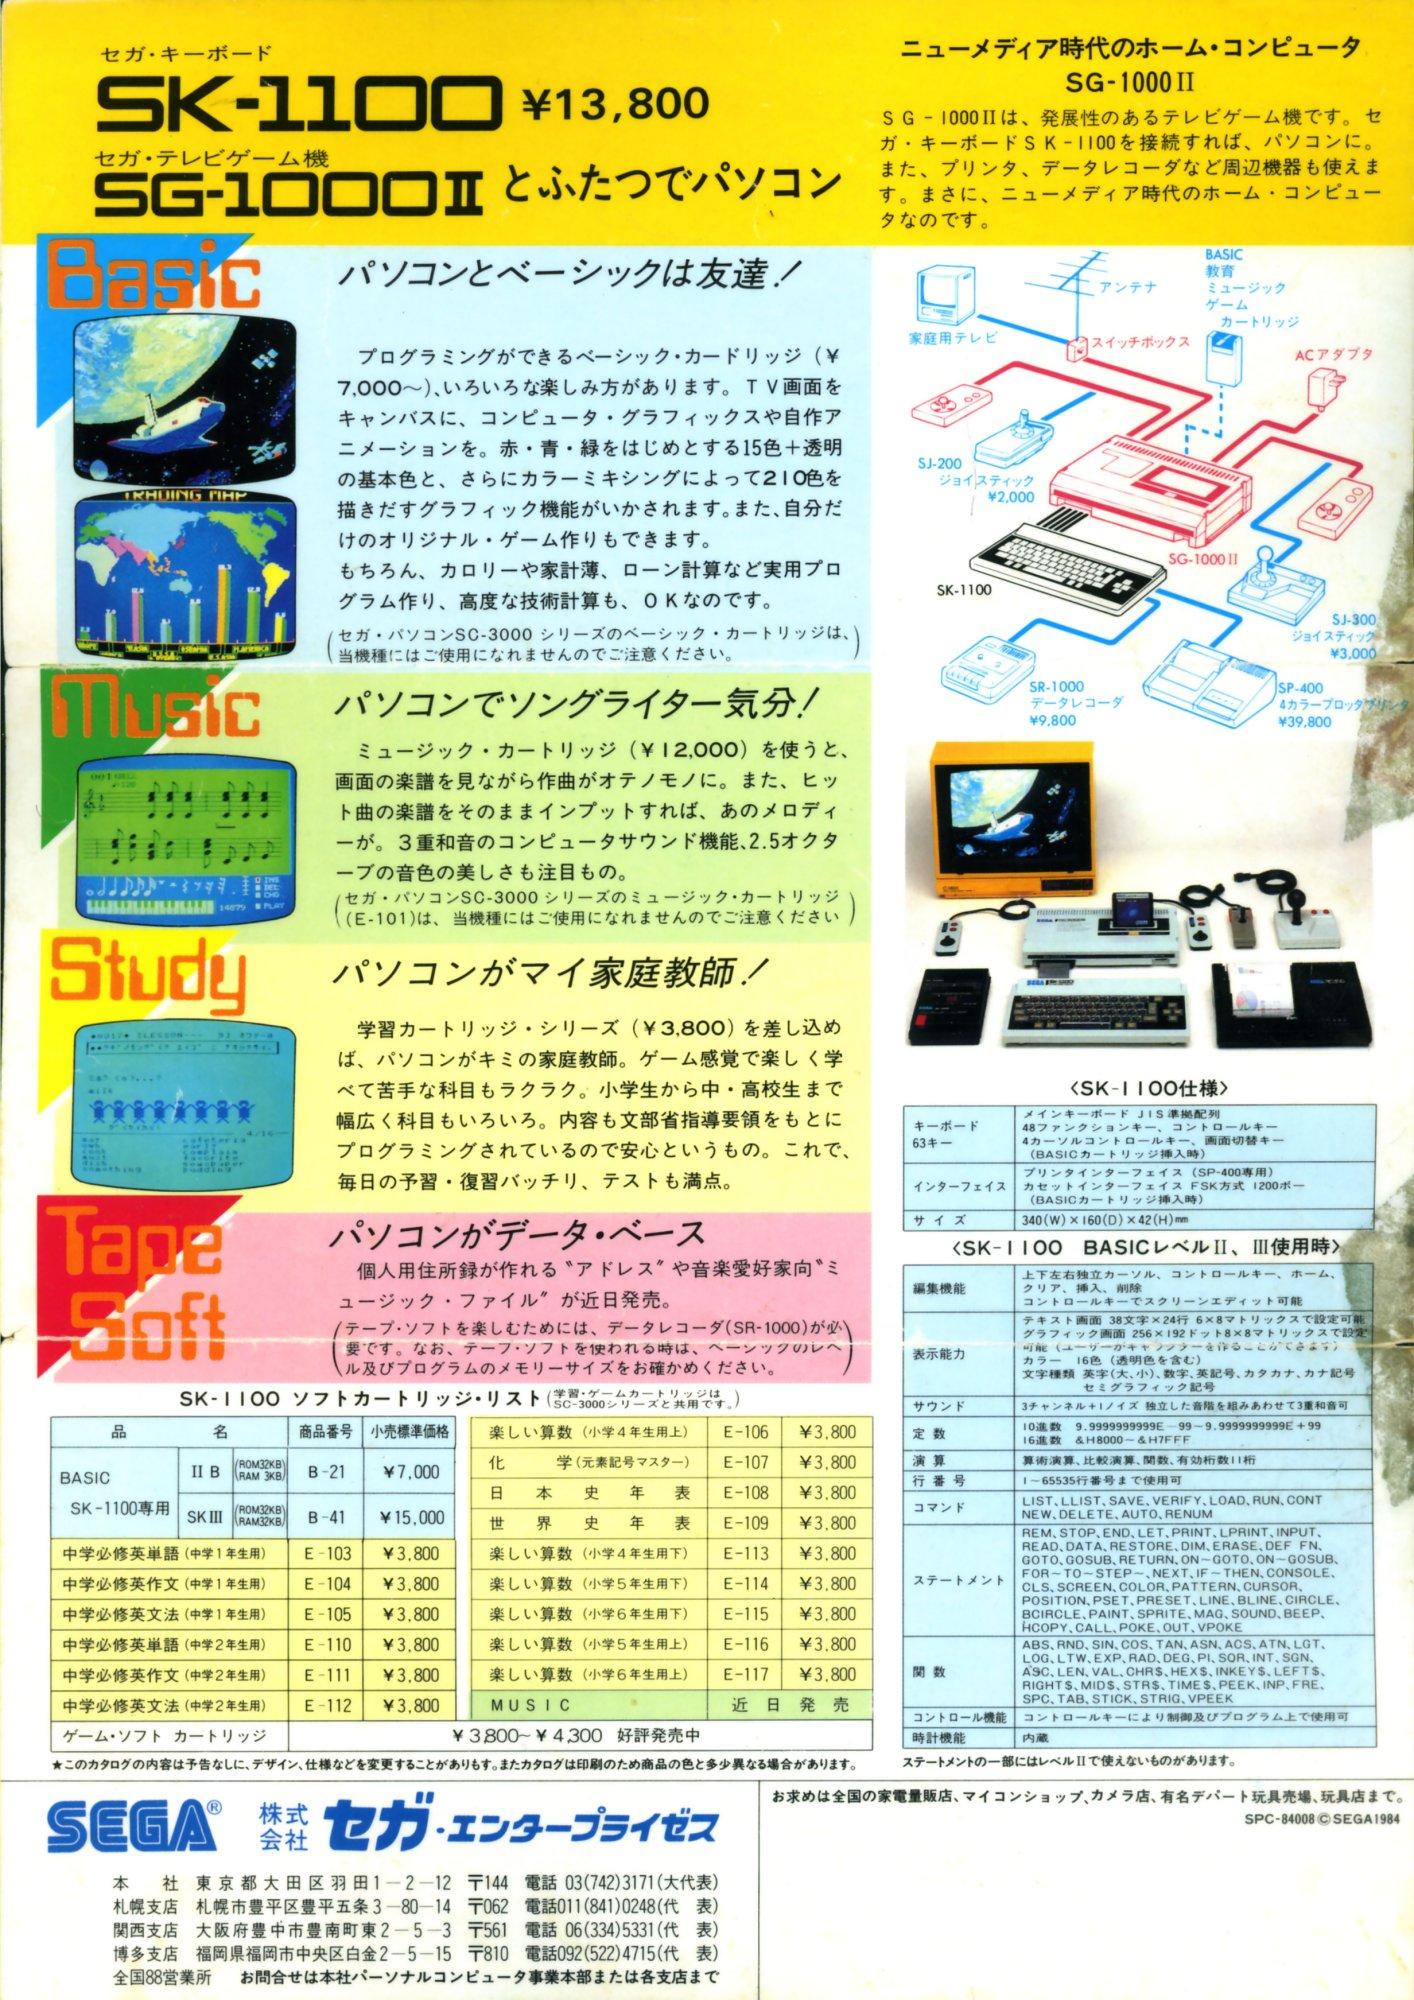 La plus belle pub pour un micro 8bit ? - Page 6 Sega-Advertisement-SG1000IISK1100-JP-4